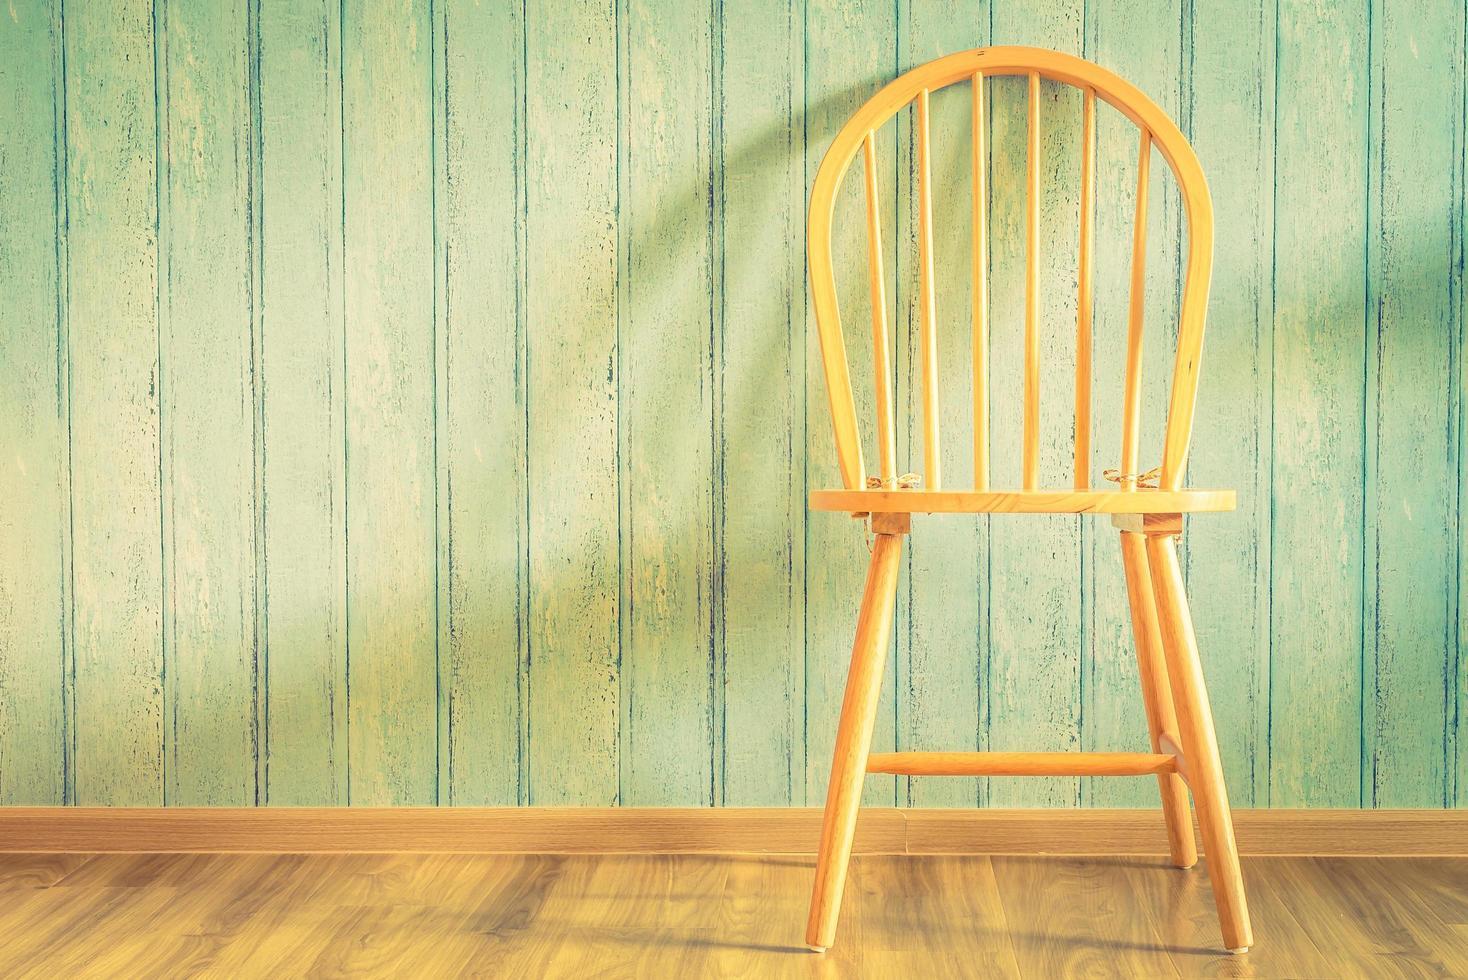 Chaise en bois vintage sur fond de bois photo